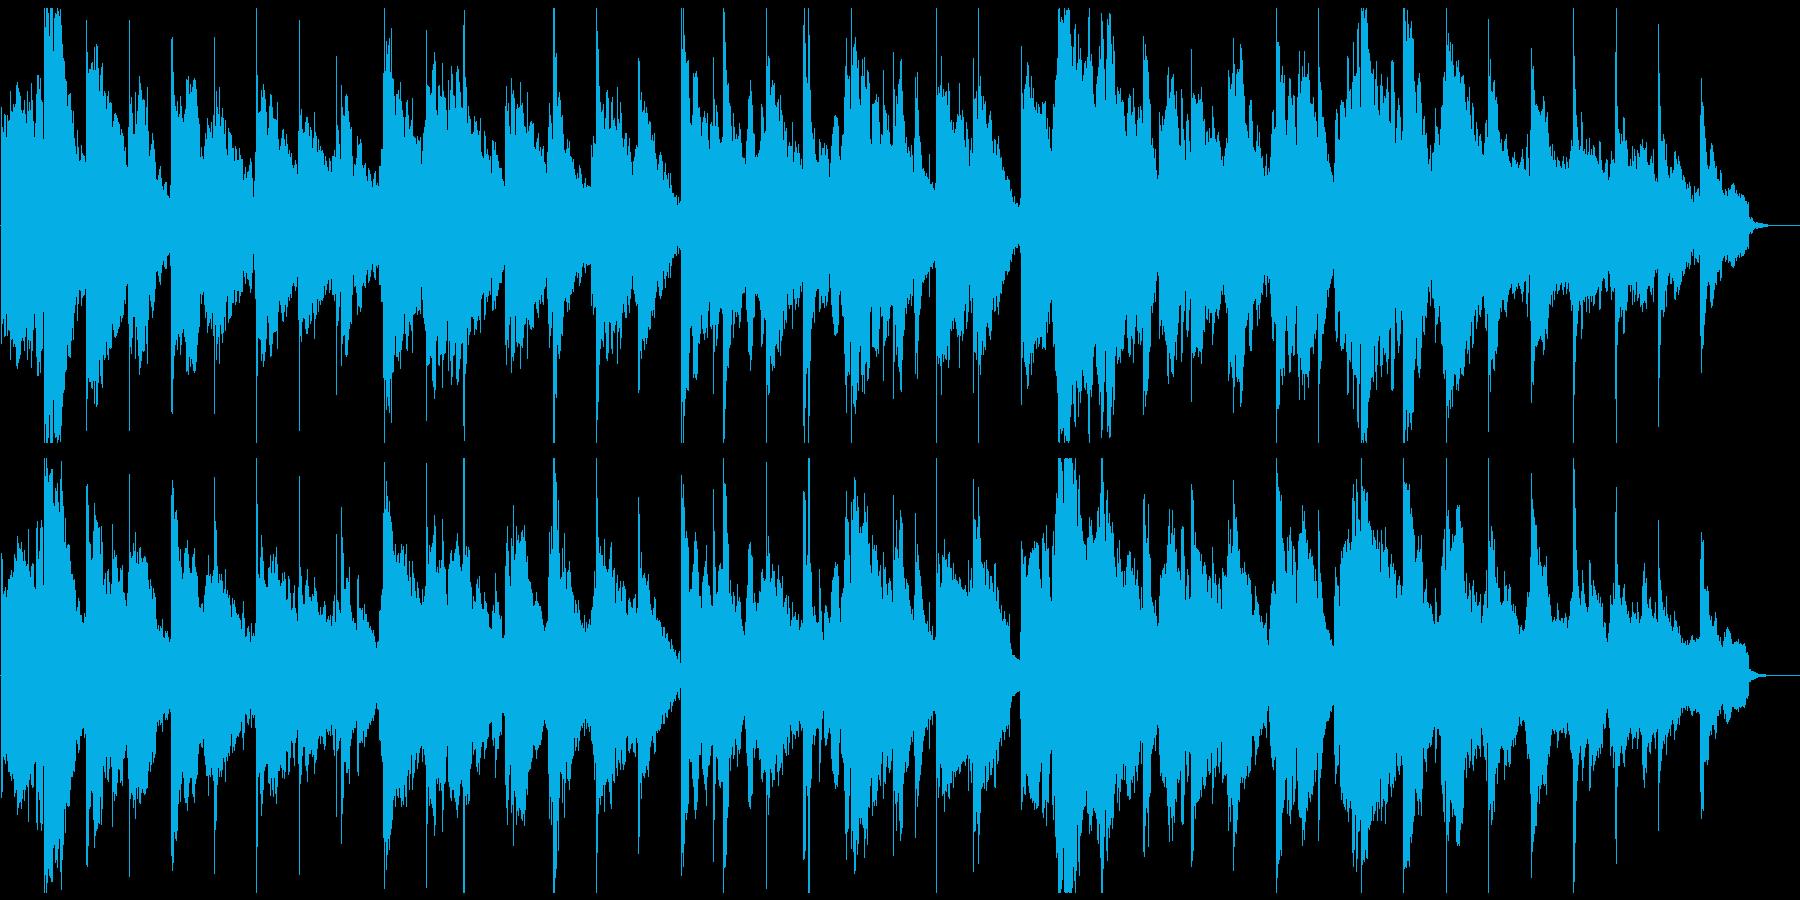 安眠系、ふわふわリラクゼーションBGMの再生済みの波形